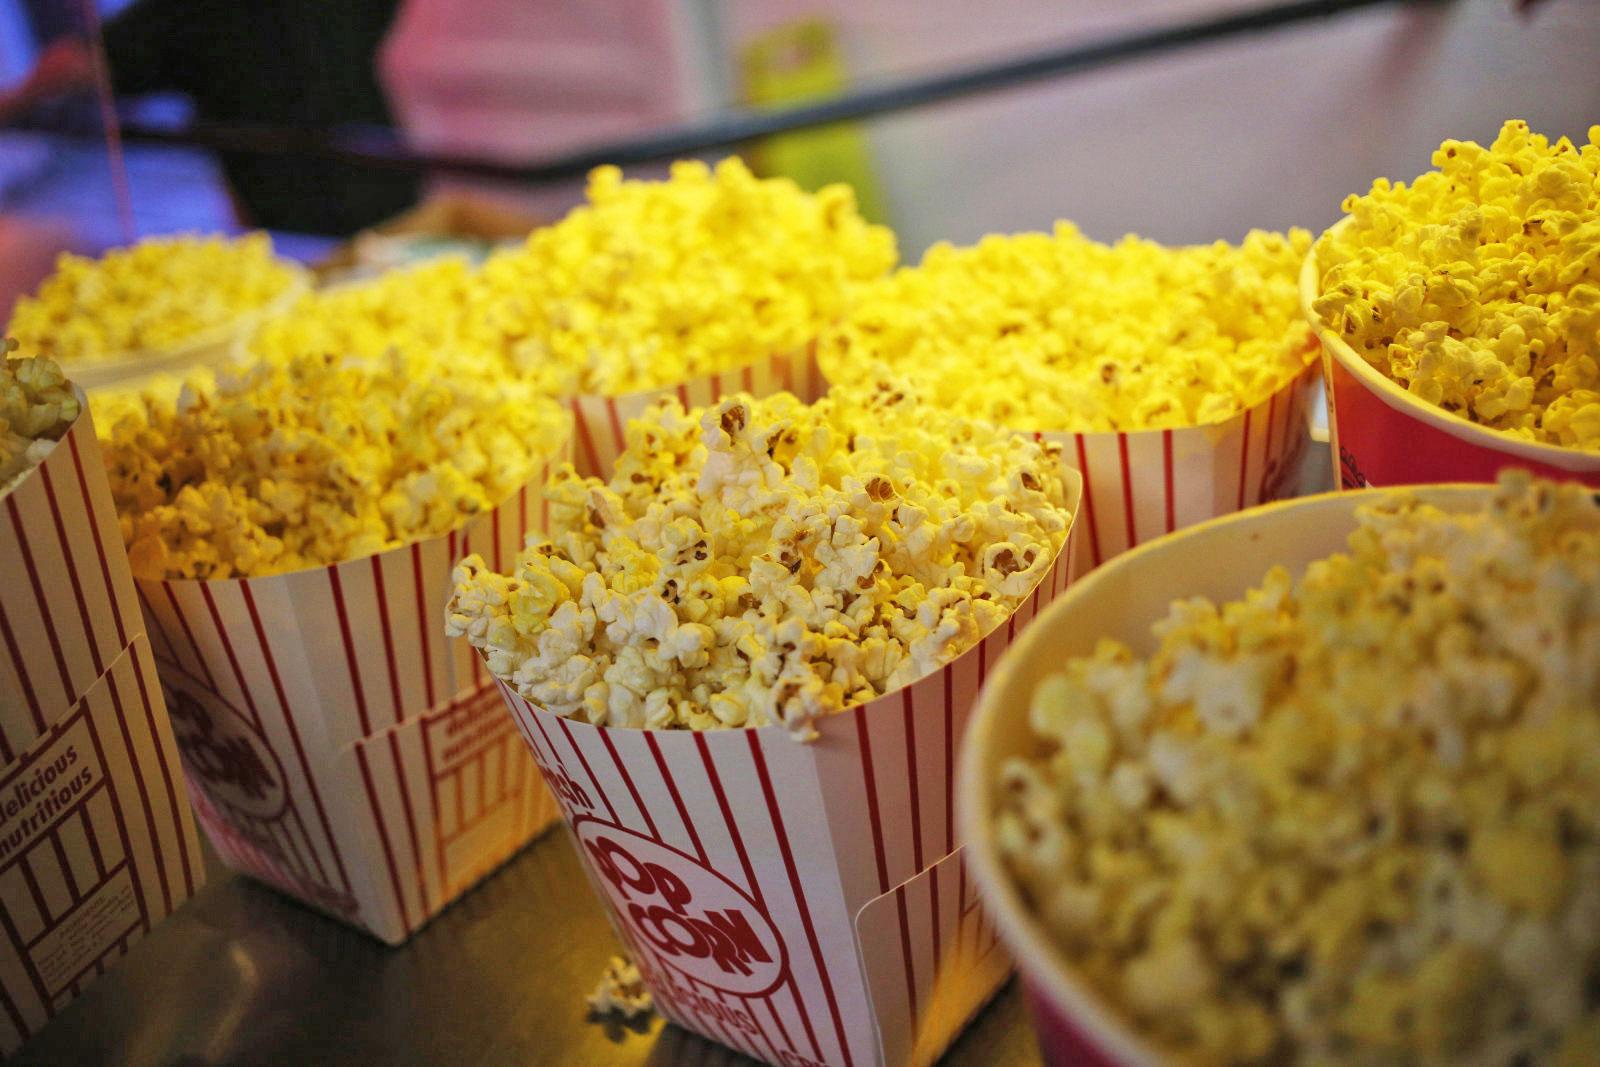 MoviePass offers an even